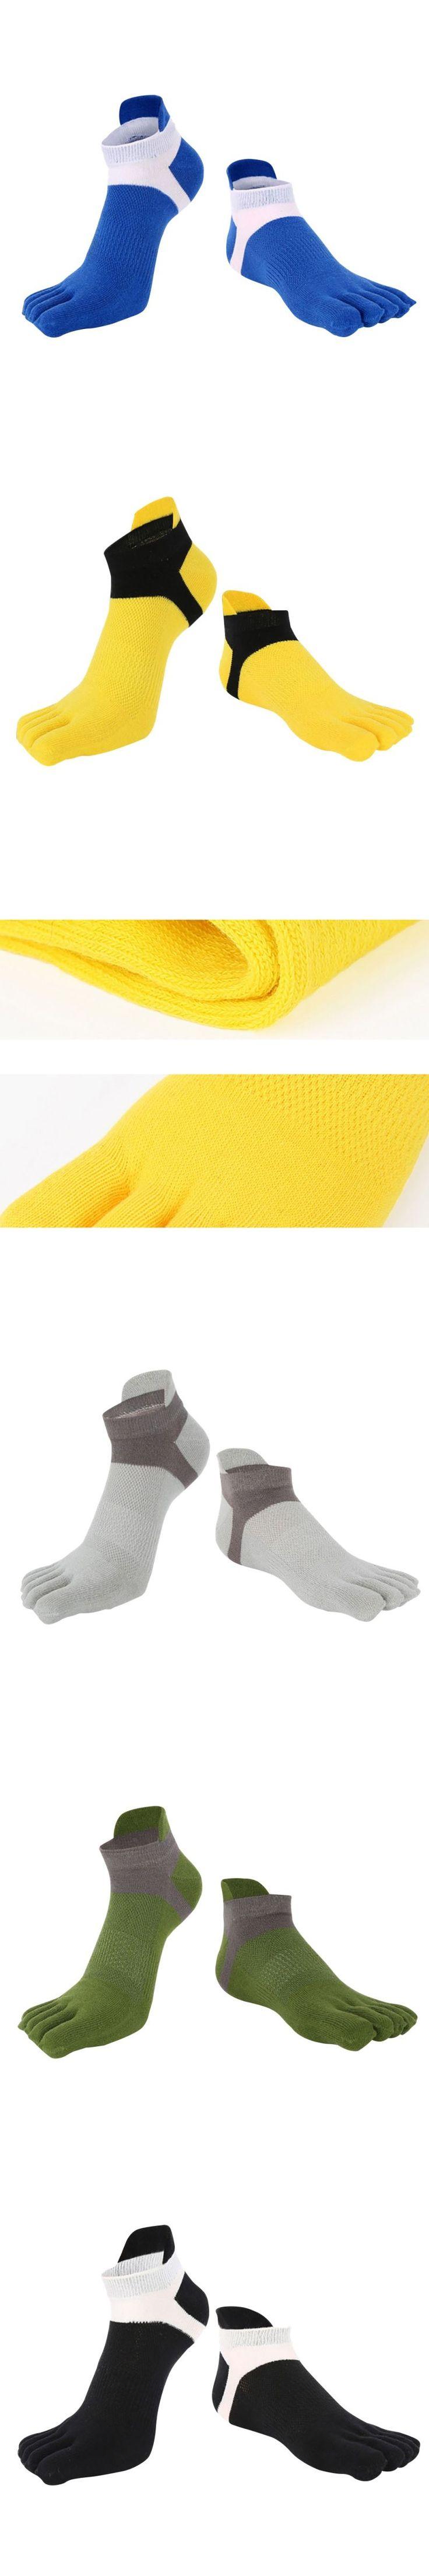 Men's Casual Toe Cotton Socks Deportes Short Tube Mesh Finger Meias Polyester Sock Correr Elasticity Sock Five Finger 16hevs